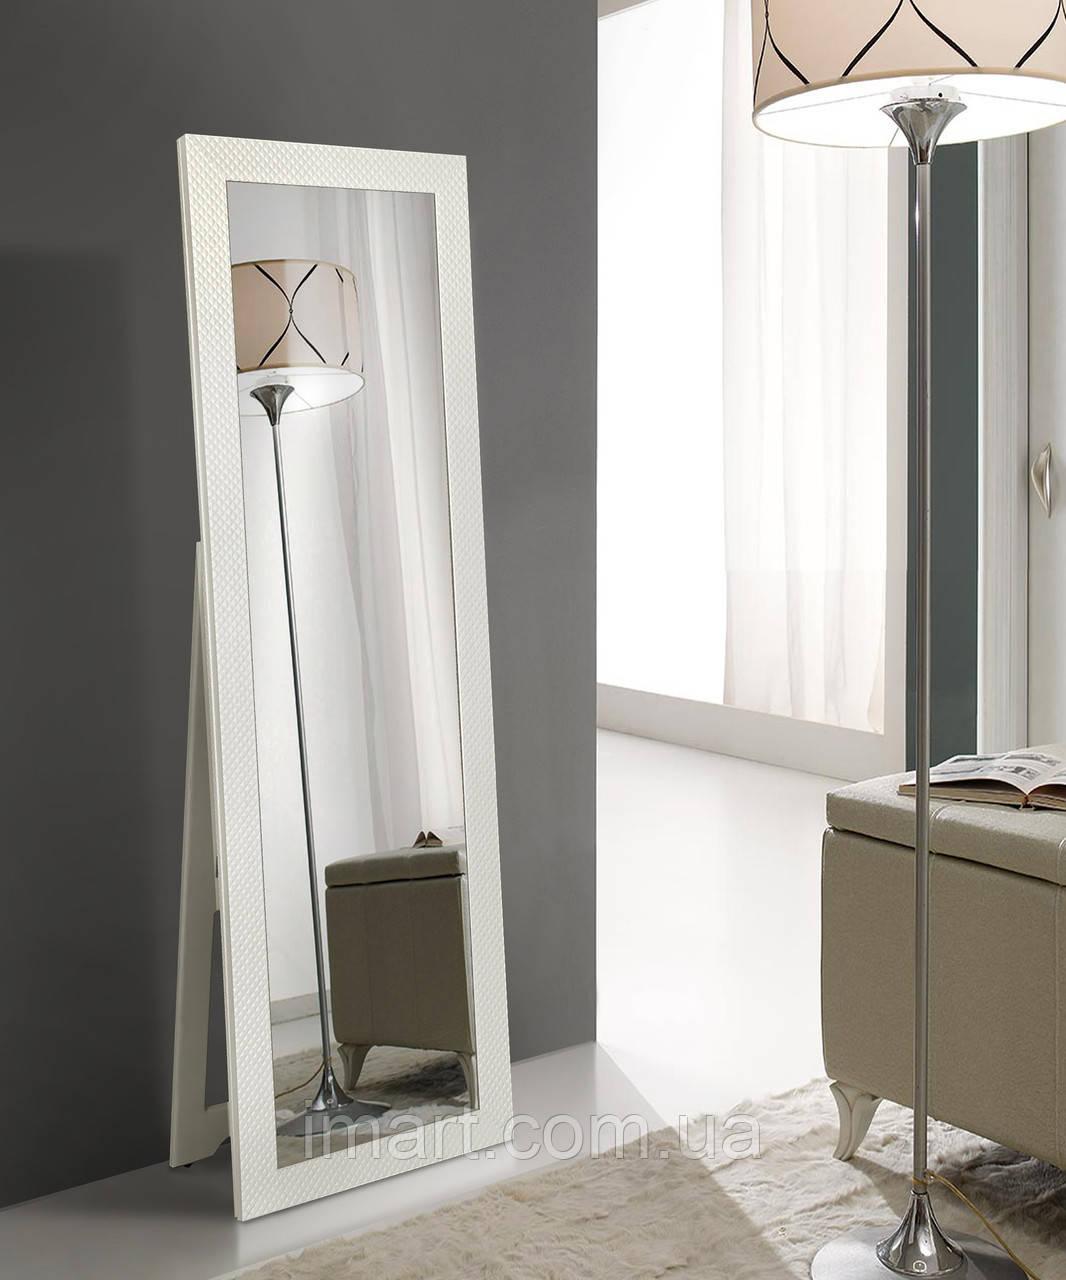 Зеркало напольное, белое 1900x600